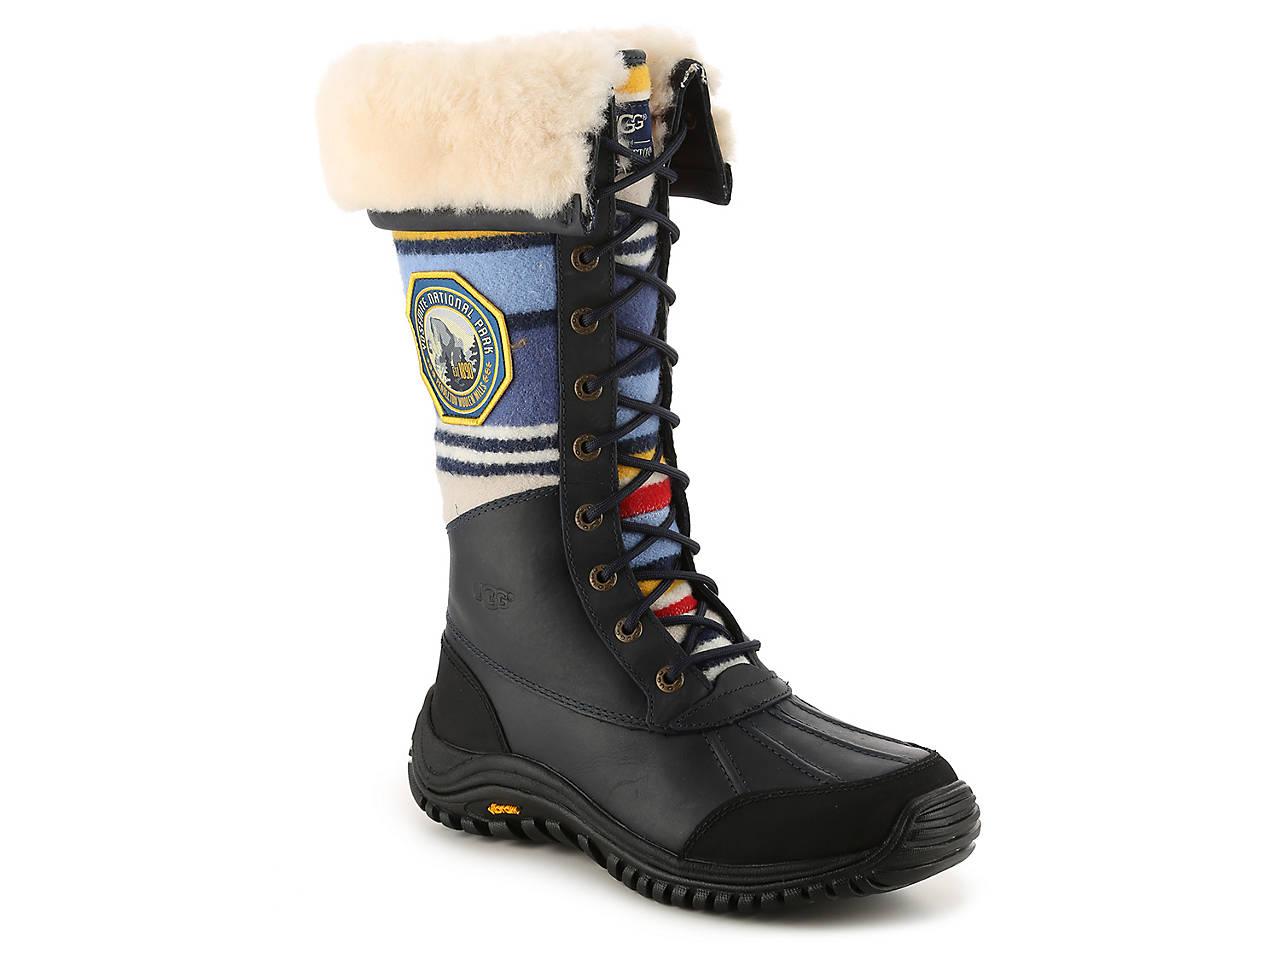 6b00224c7df Adirondack Yosemite Duck Boot